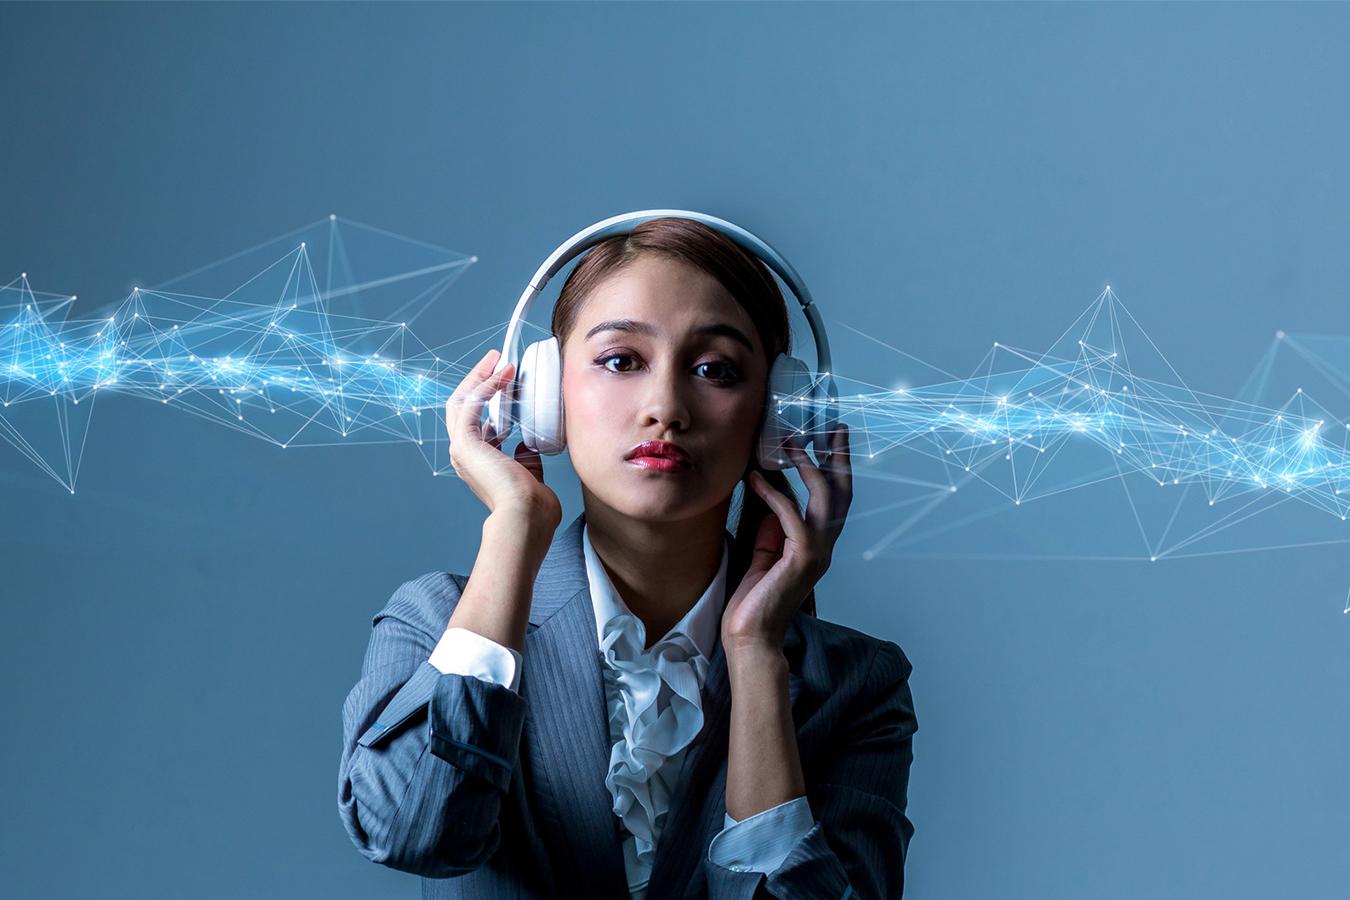 新しい道を切り開いた「瑛人」デジタル音楽市場拡大から見る音楽の未来とは?